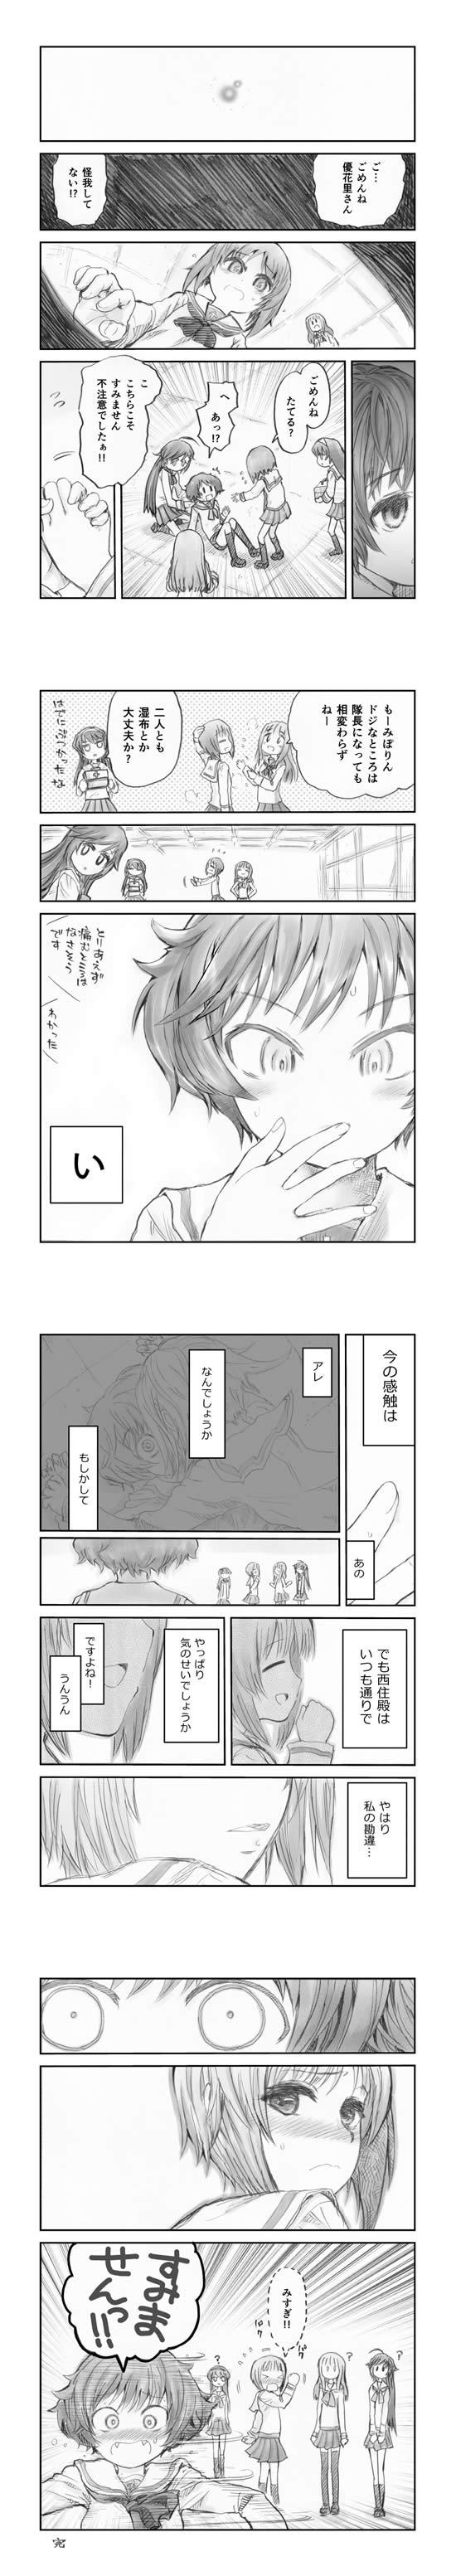 ガールズ&パンツァー 漫画 秋山優花里 西住みほ キス